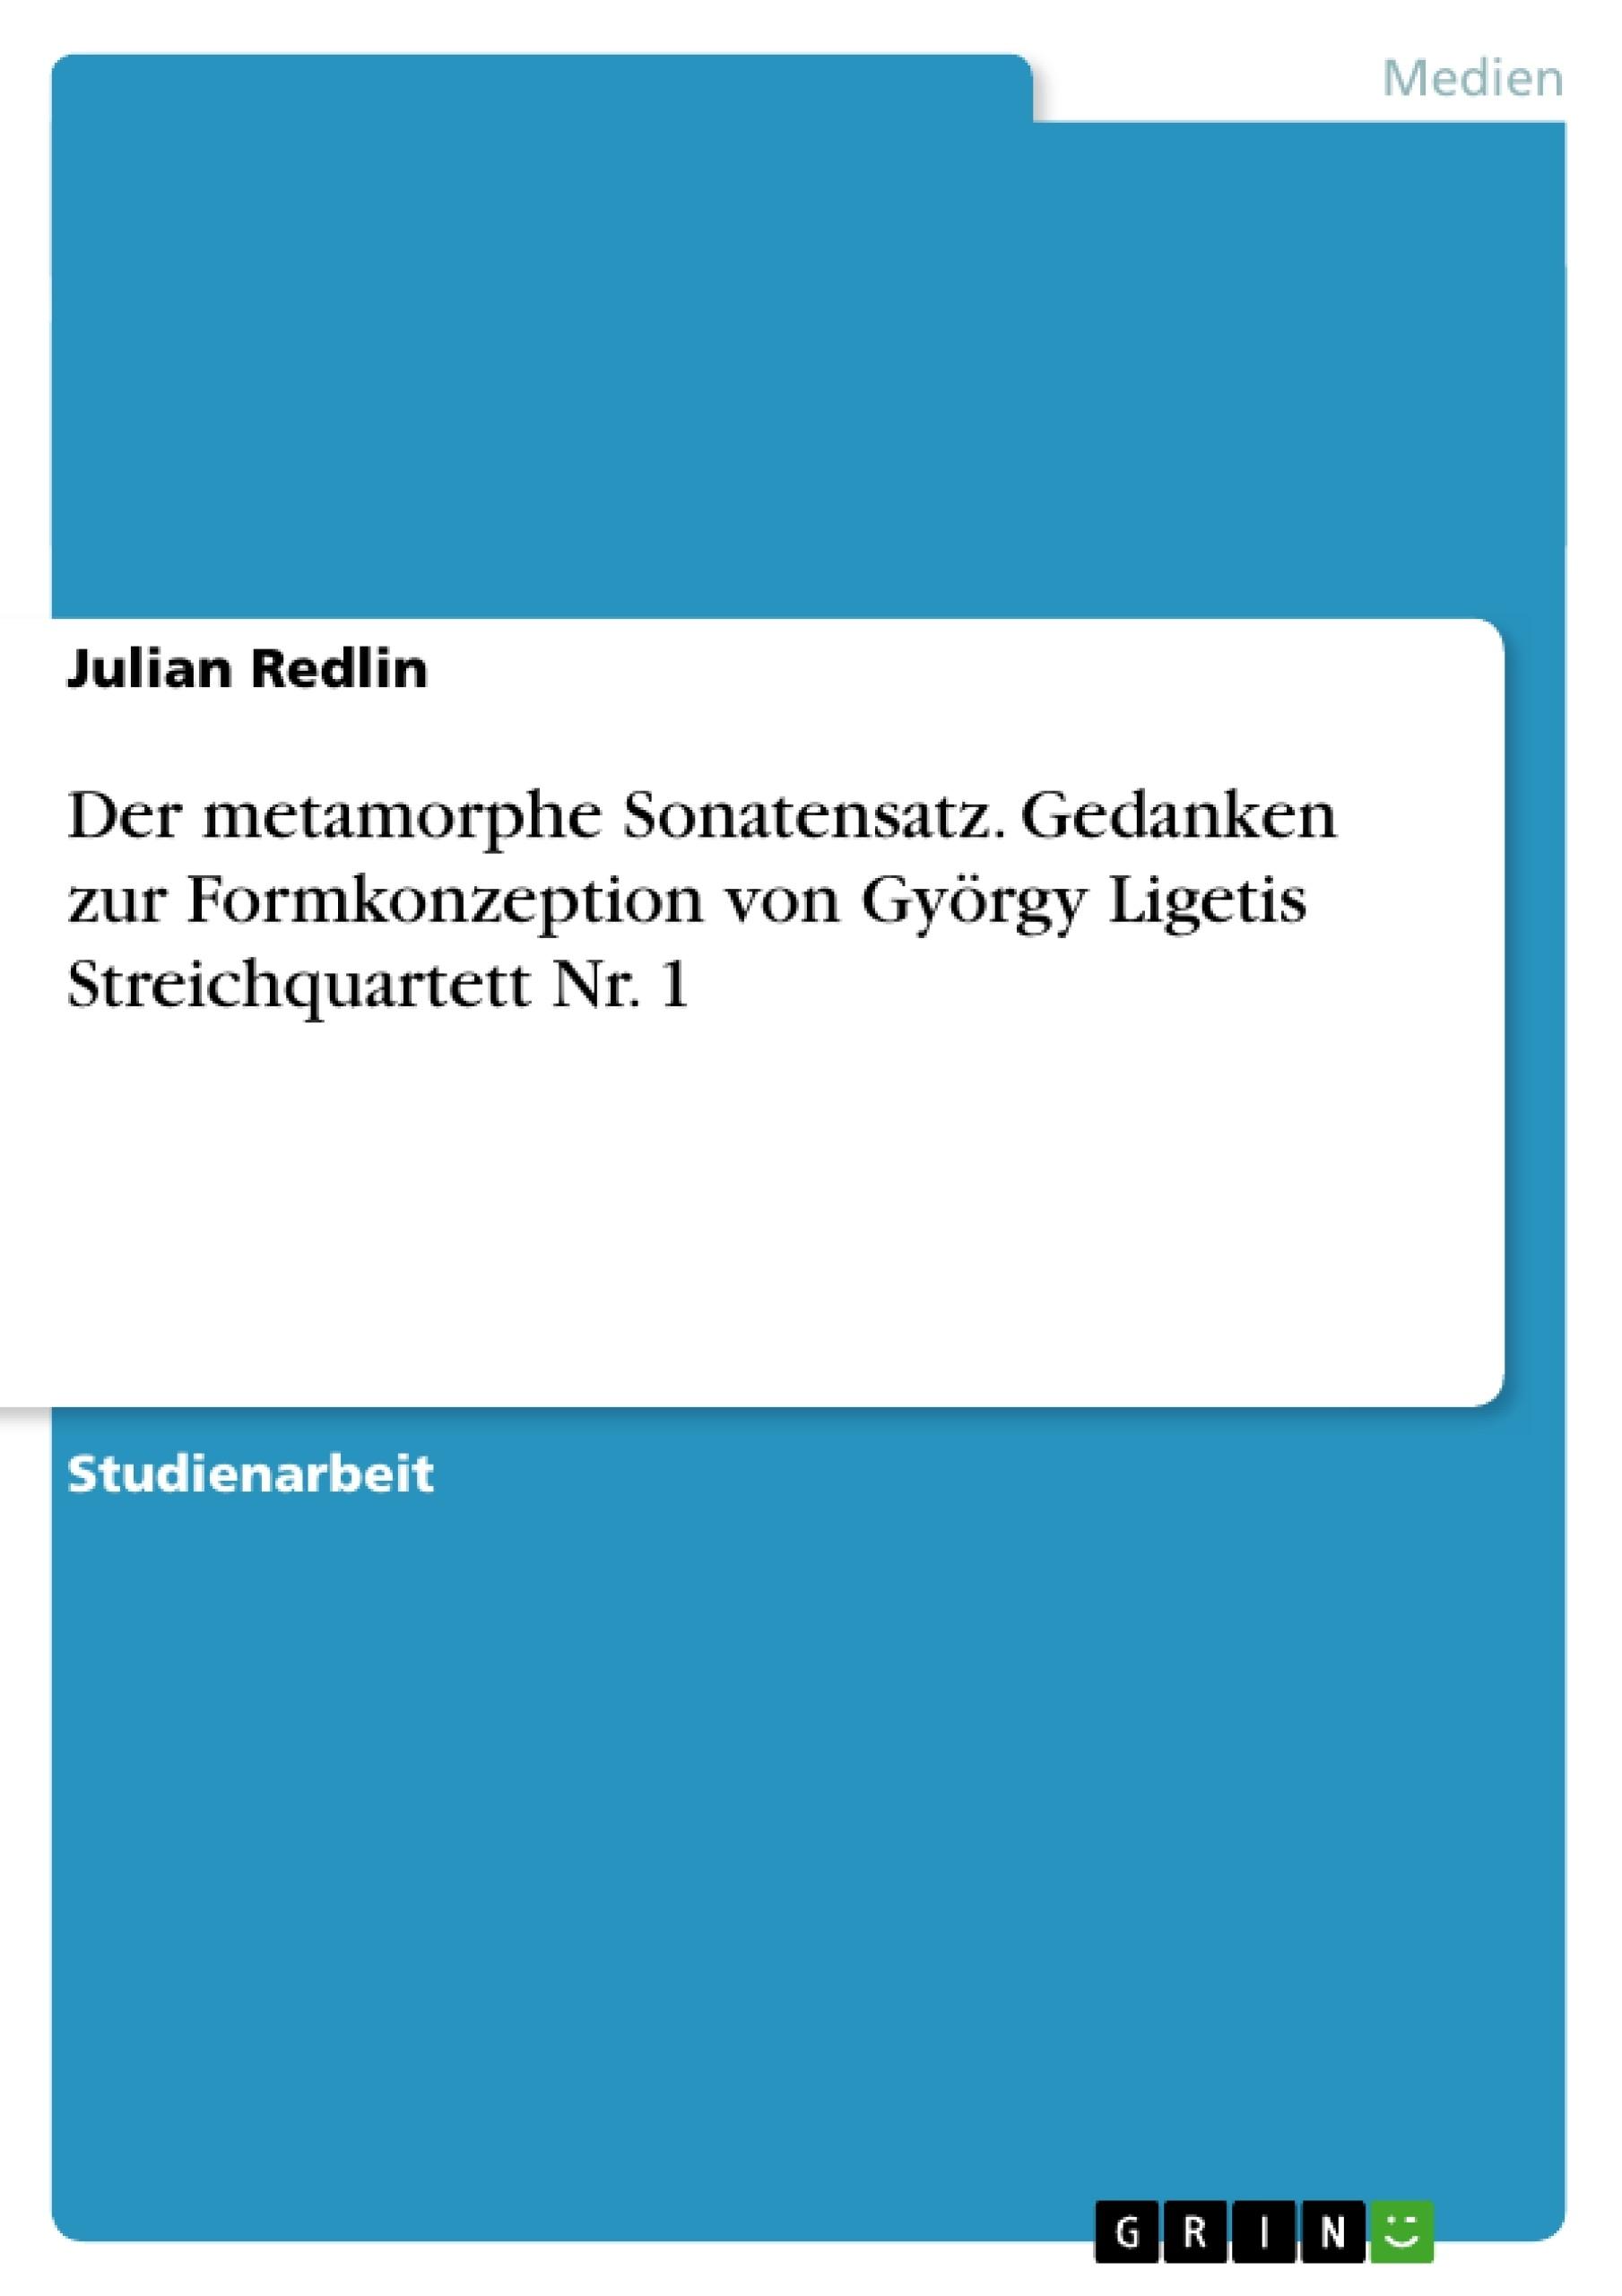 Titel: Der metamorphe Sonatensatz. Gedanken zur Formkonzeption von György Ligetis Streichquartett Nr. 1